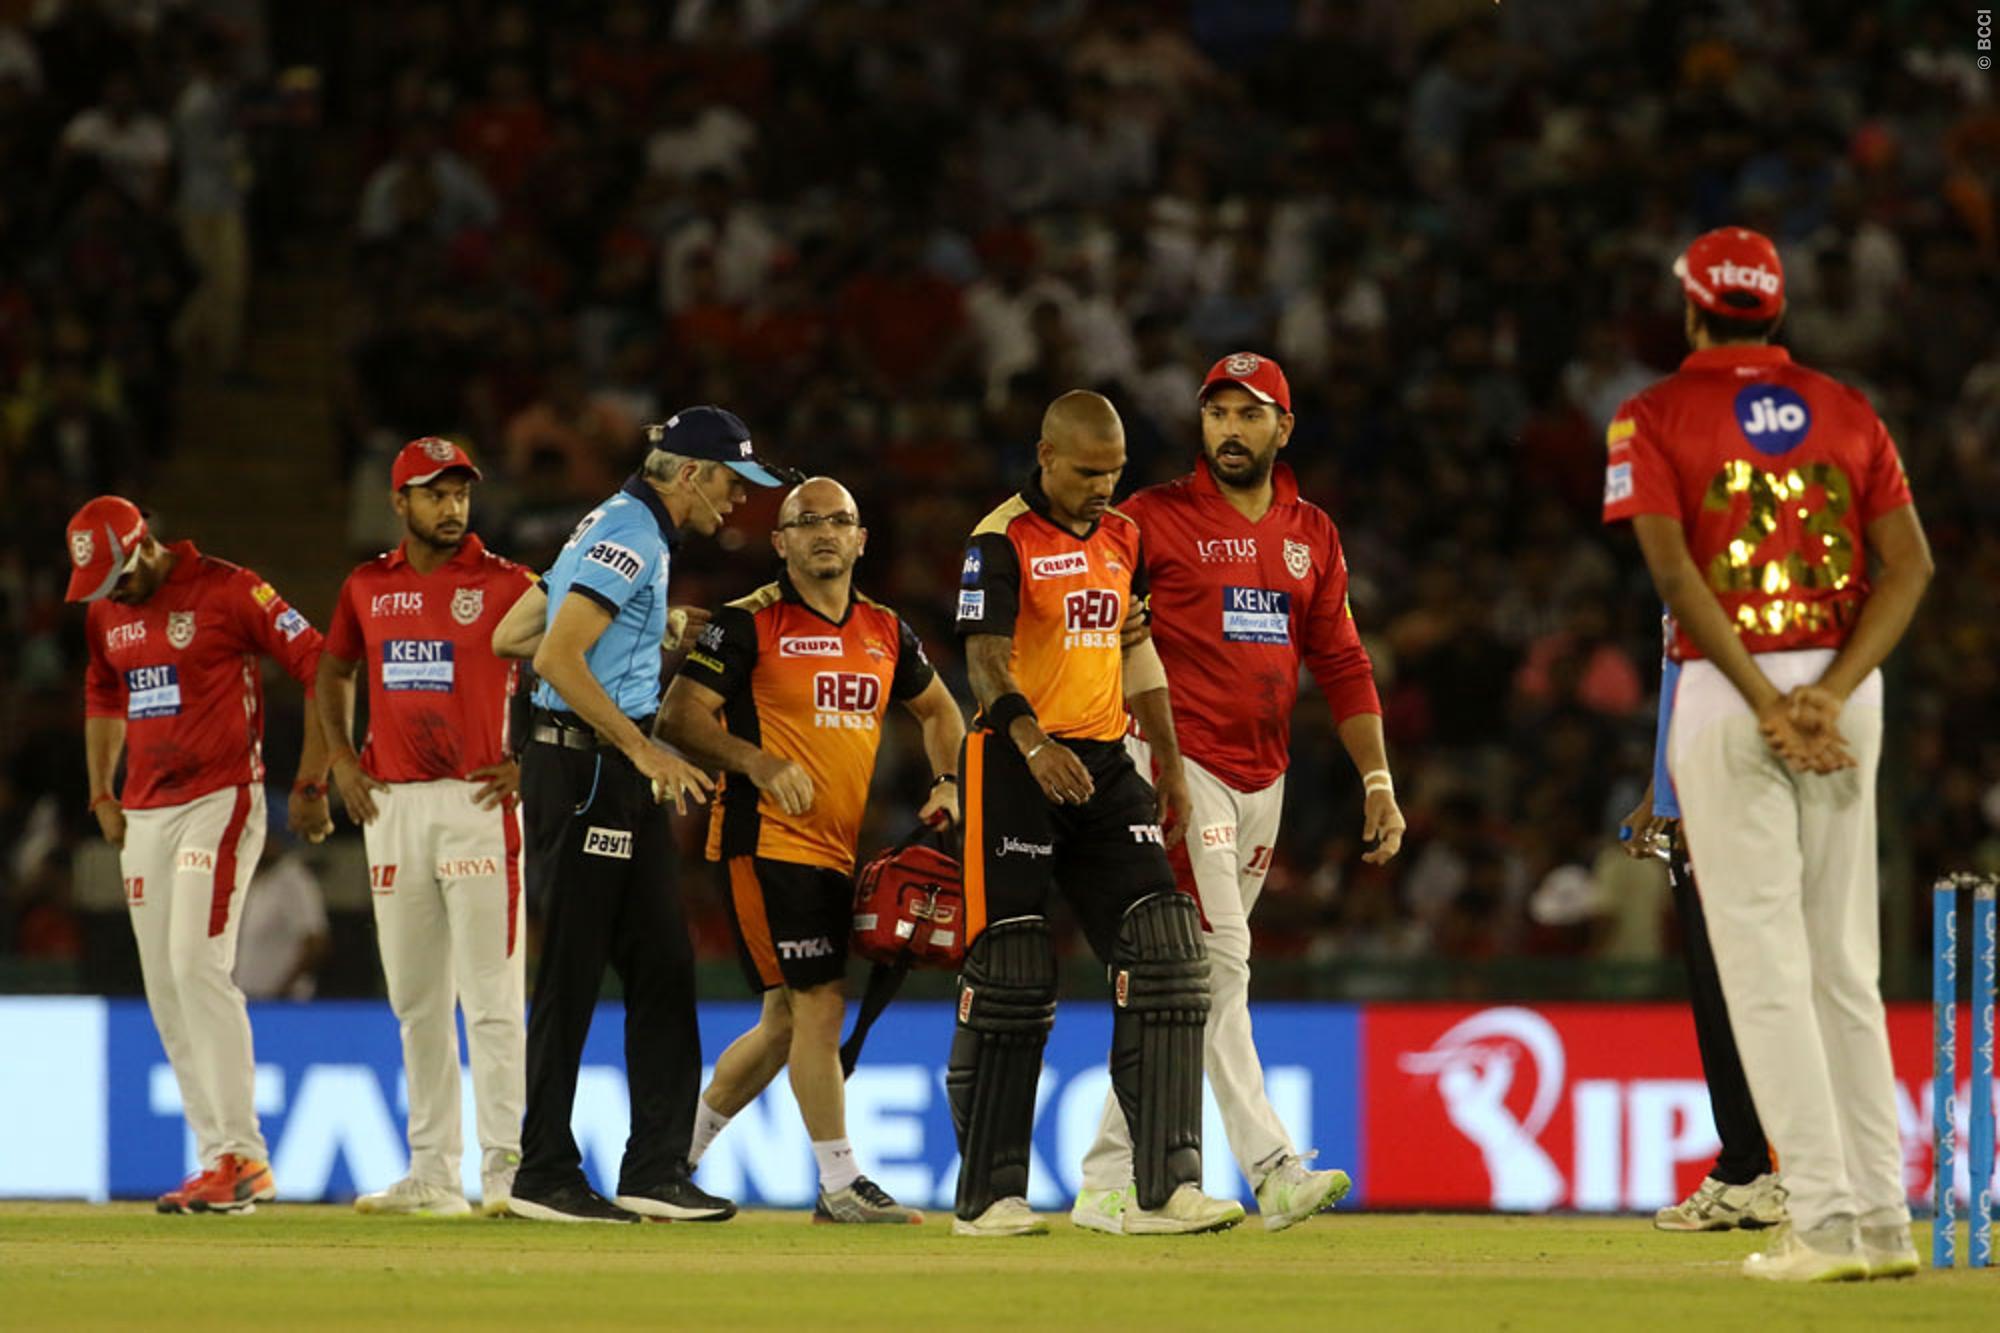 सन राइजर्स के कप्तान केन विलियम्सन ने सीधे तौर पर इस खिलाड़ी के सिर फोड़ा हैदराबाद की हार का ठीकरा 66